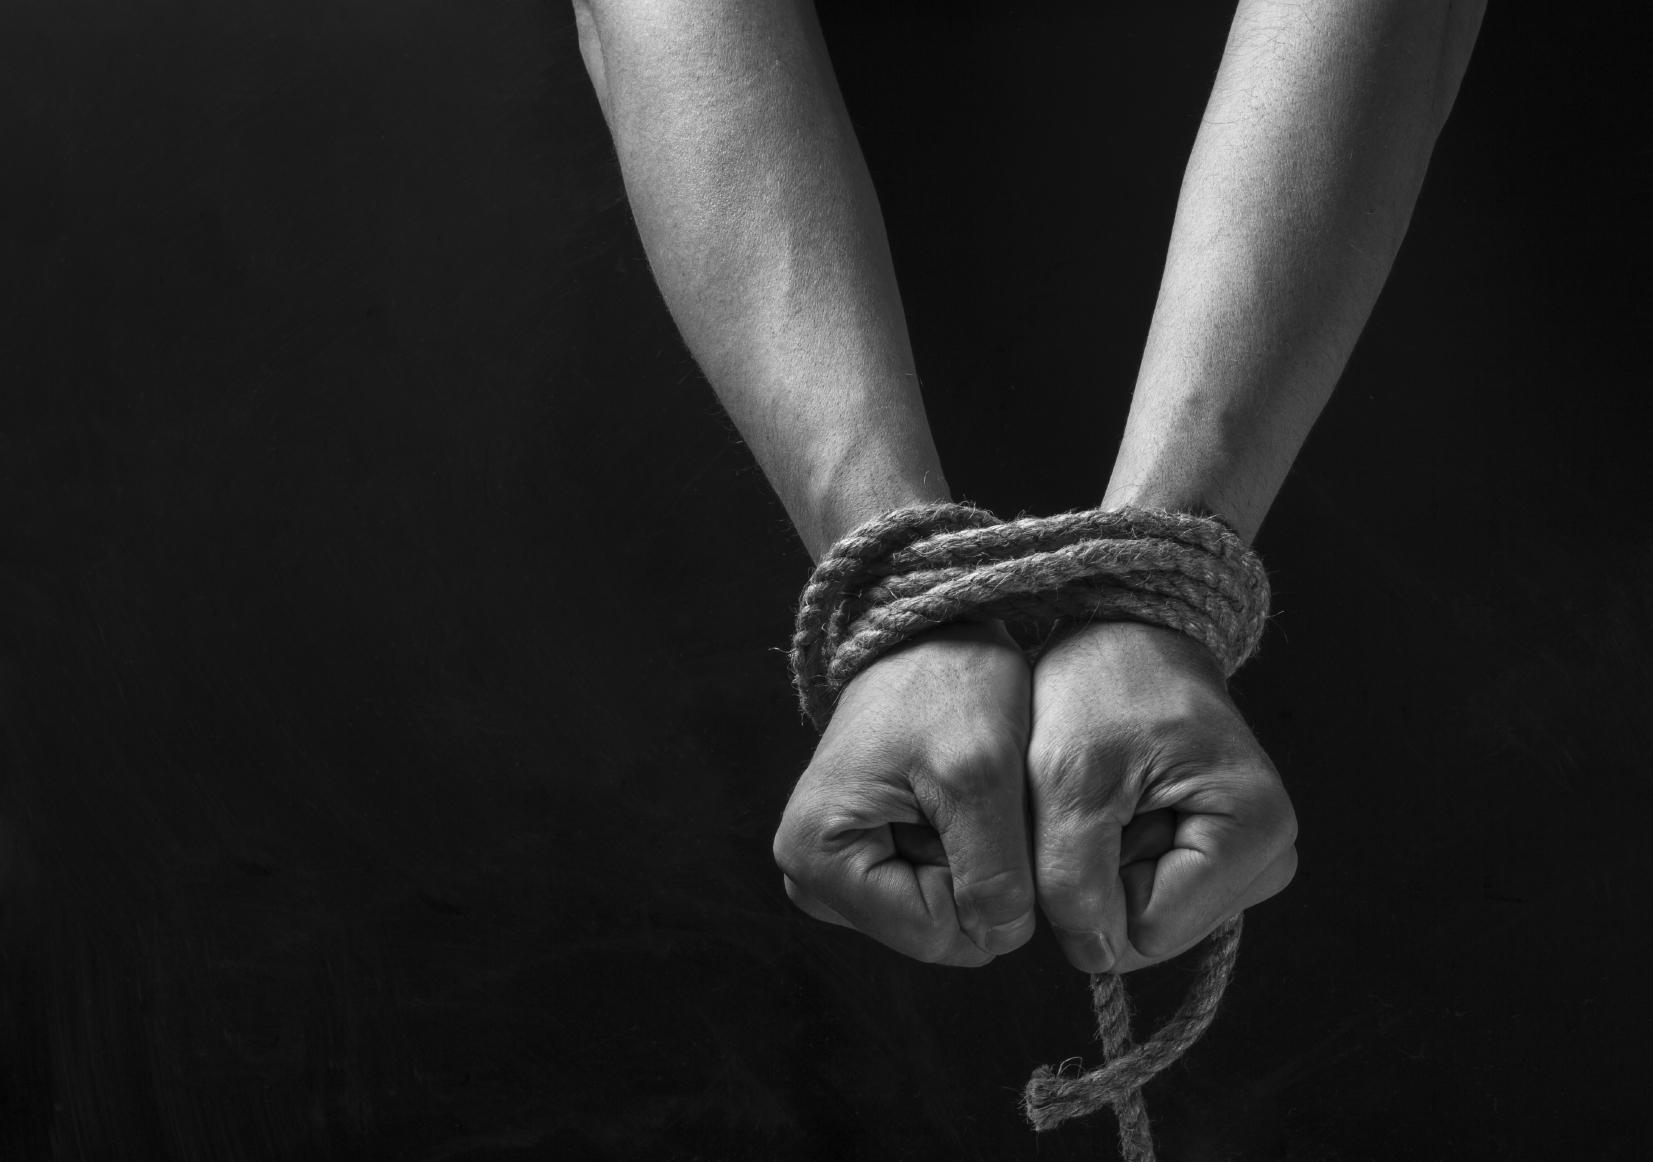 Marking EU Anti-Trafficking Day